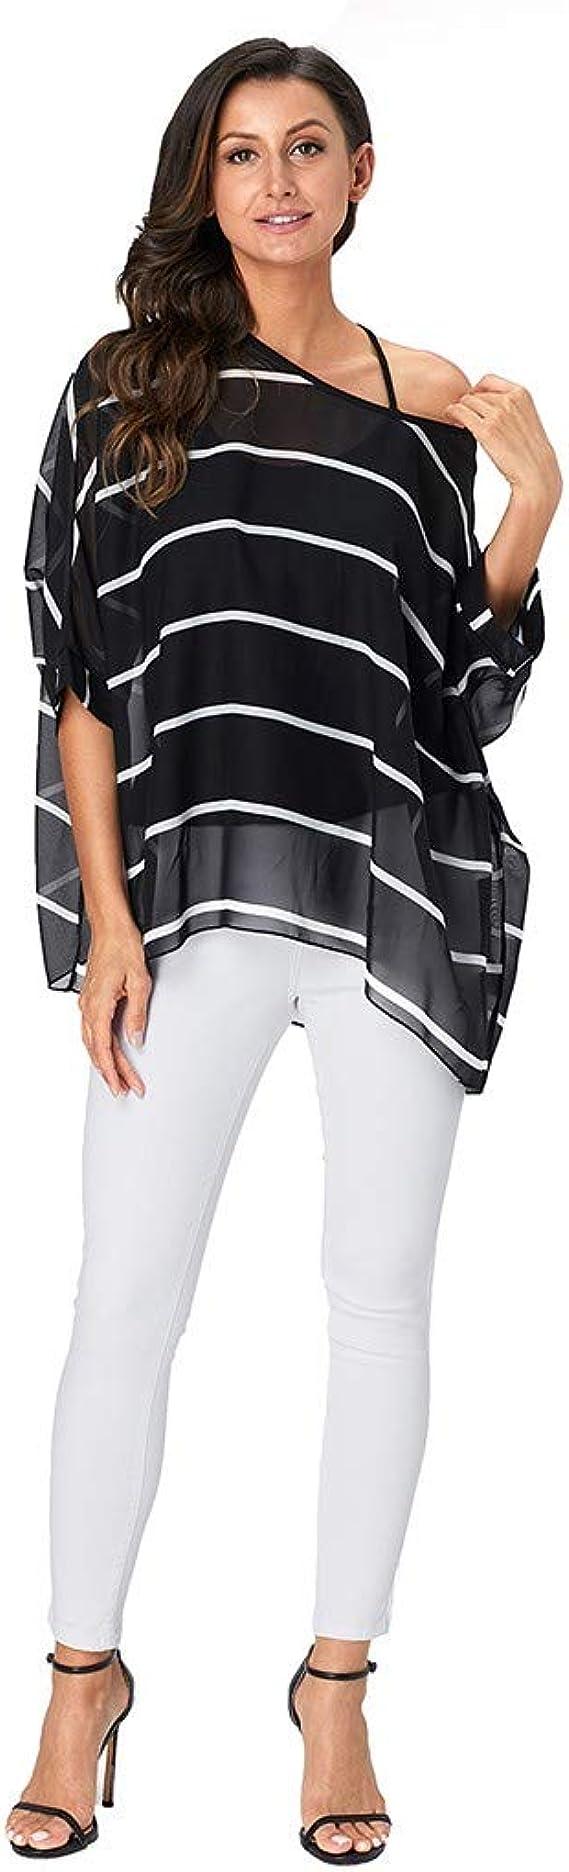 Long Sleeve Crop hoodie Leopard Printed Front Zipper drawstring Crop Hoodie 4872